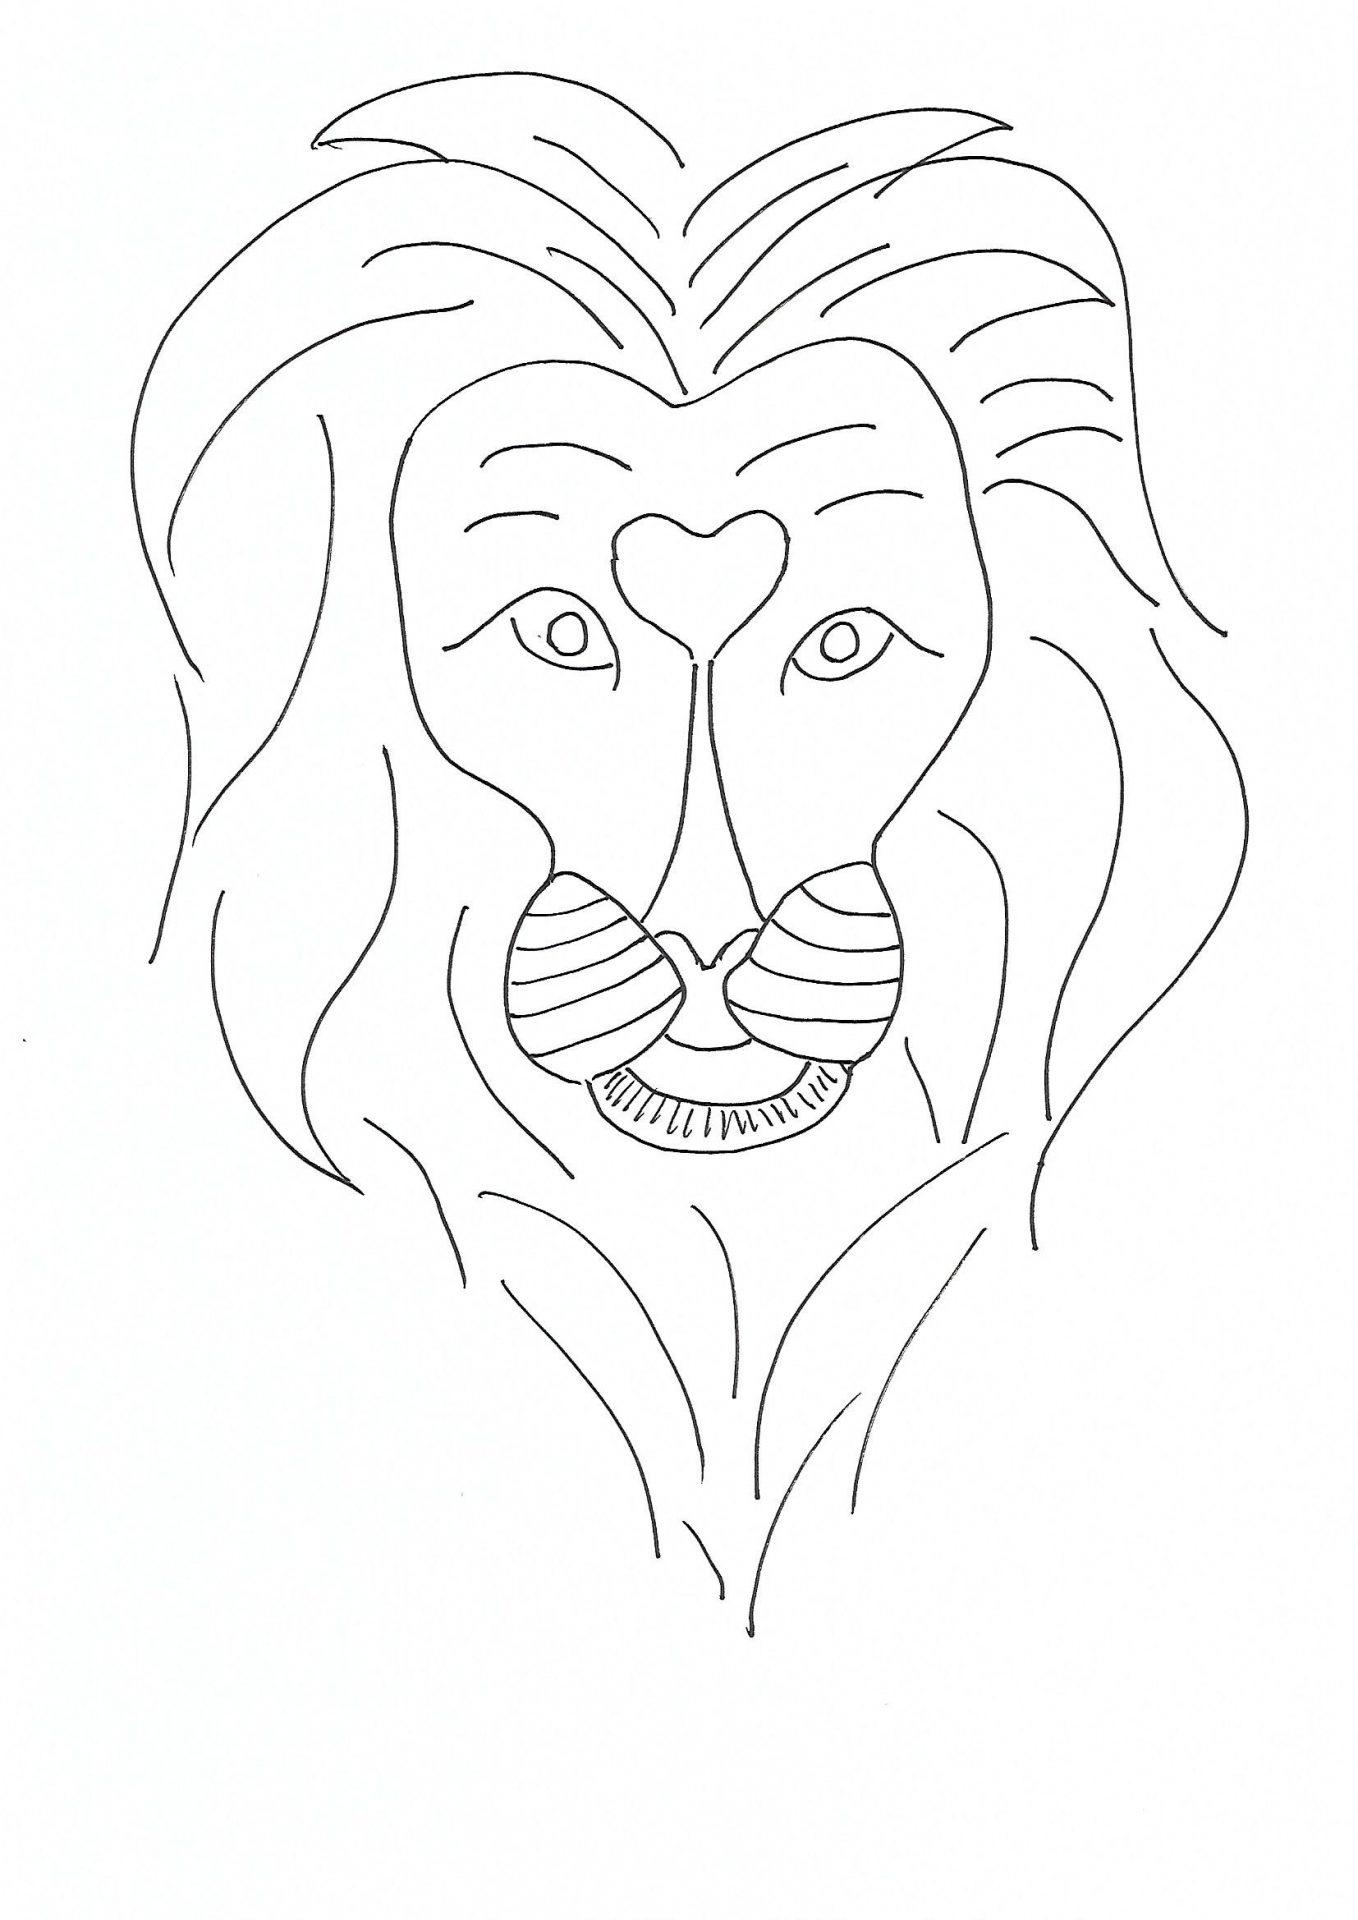 Coloriage lion maternelle - Afrocaneo - Carrefour culturel ...